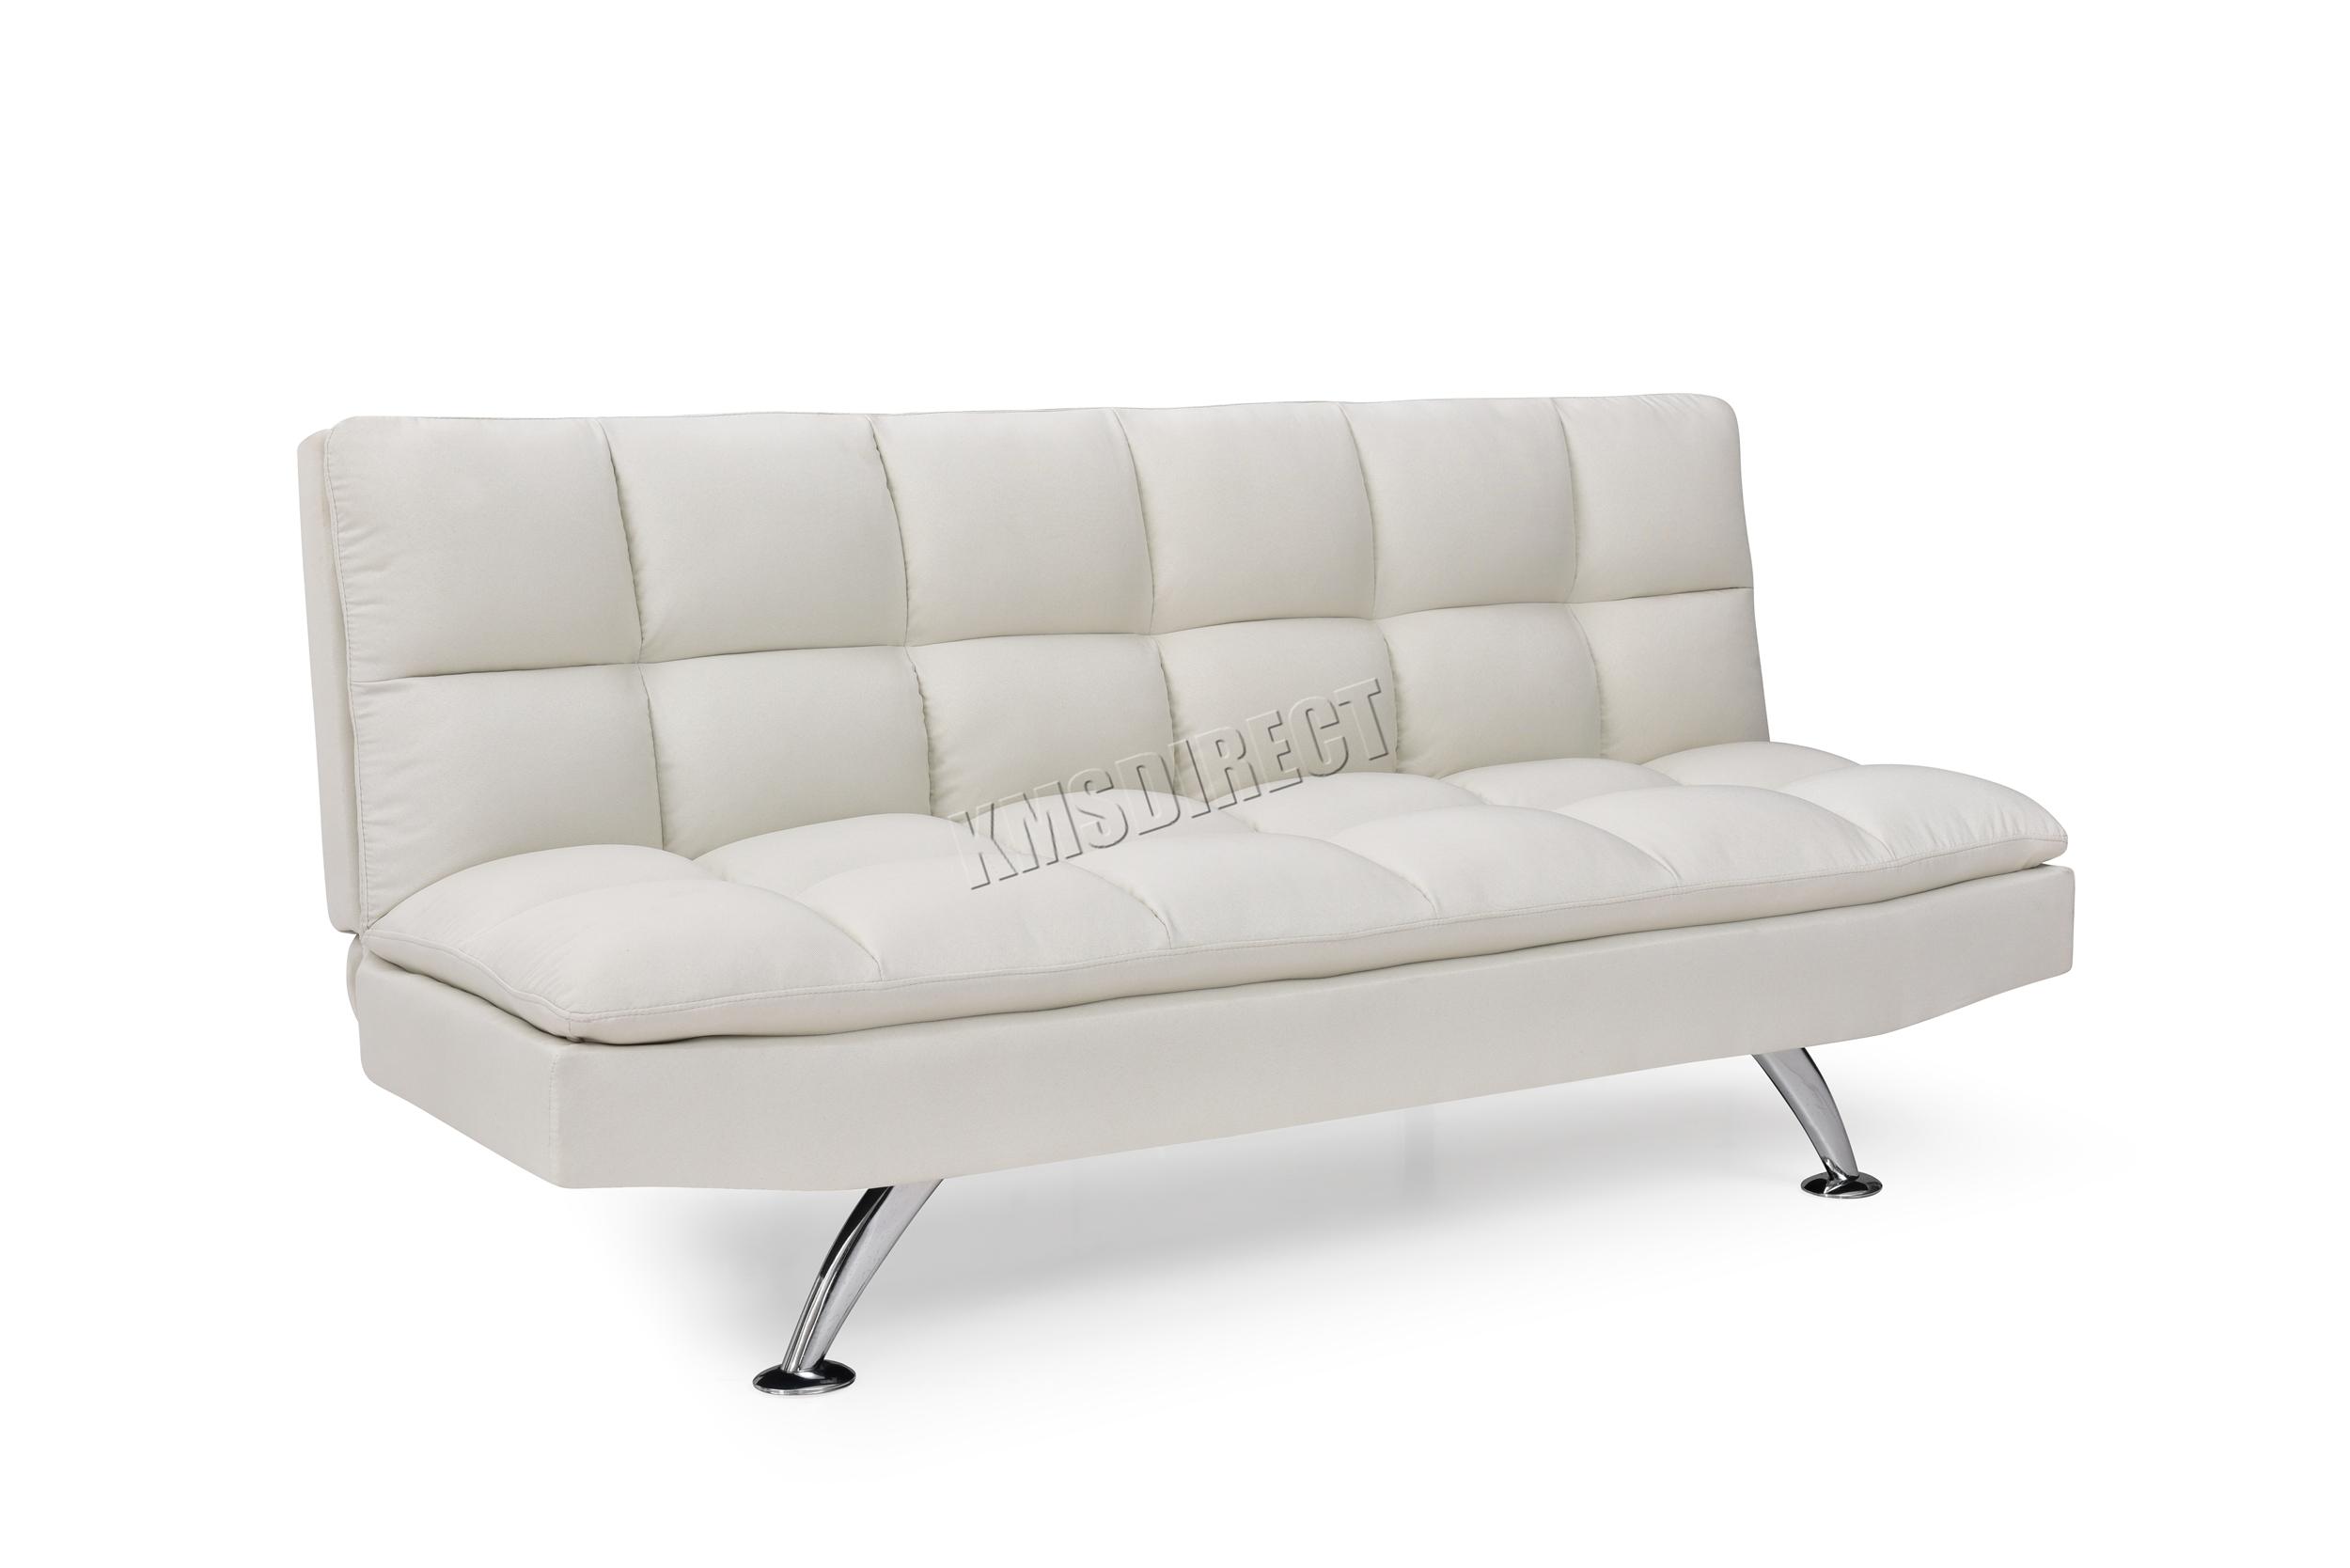 westwood tissu sofa lit canapé 3 places moderne maison de luxe